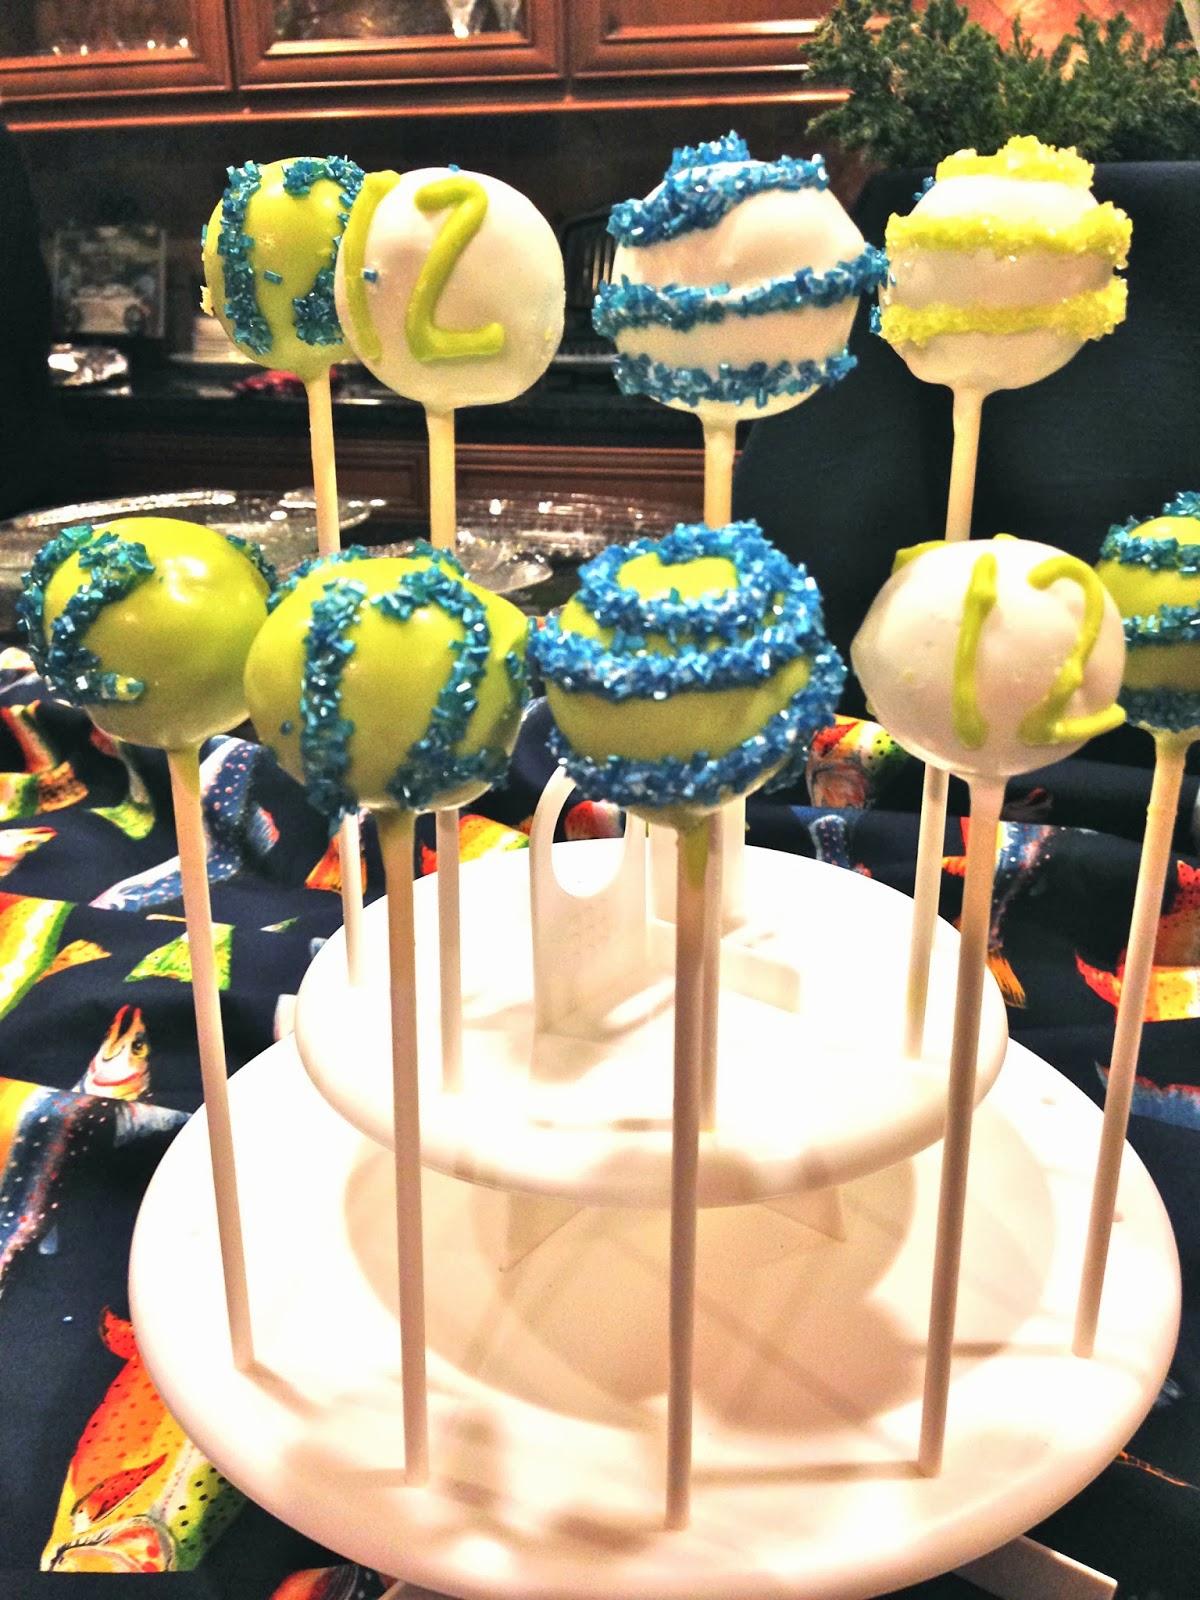 Seahawks Cake Pops 12th Man Cake Pops